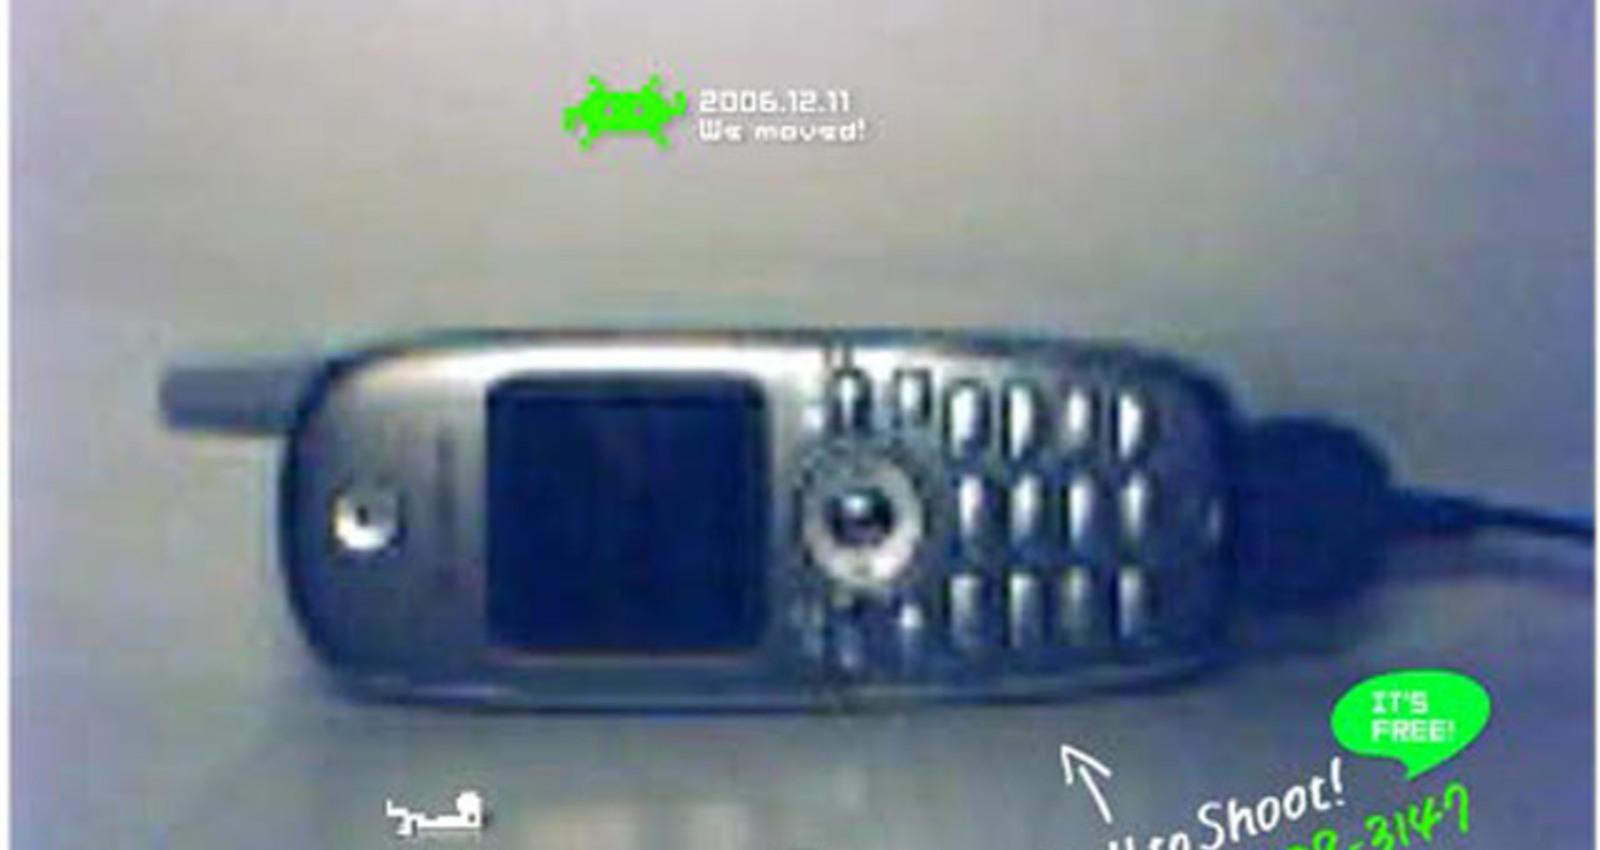 TYO ID Mobile phone shooting game